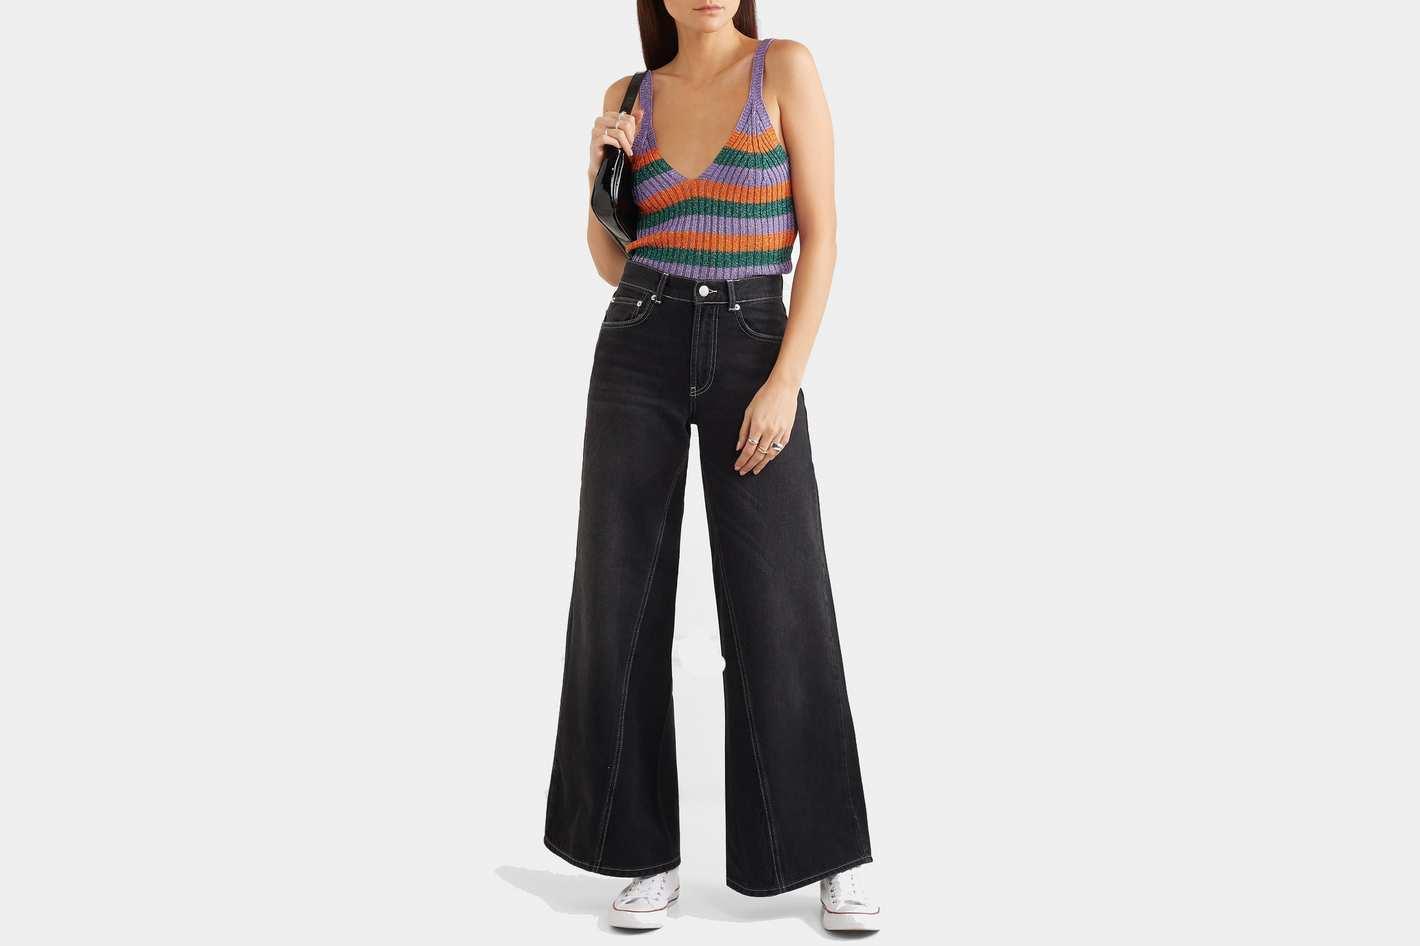 Ganni High-Rise Jeans